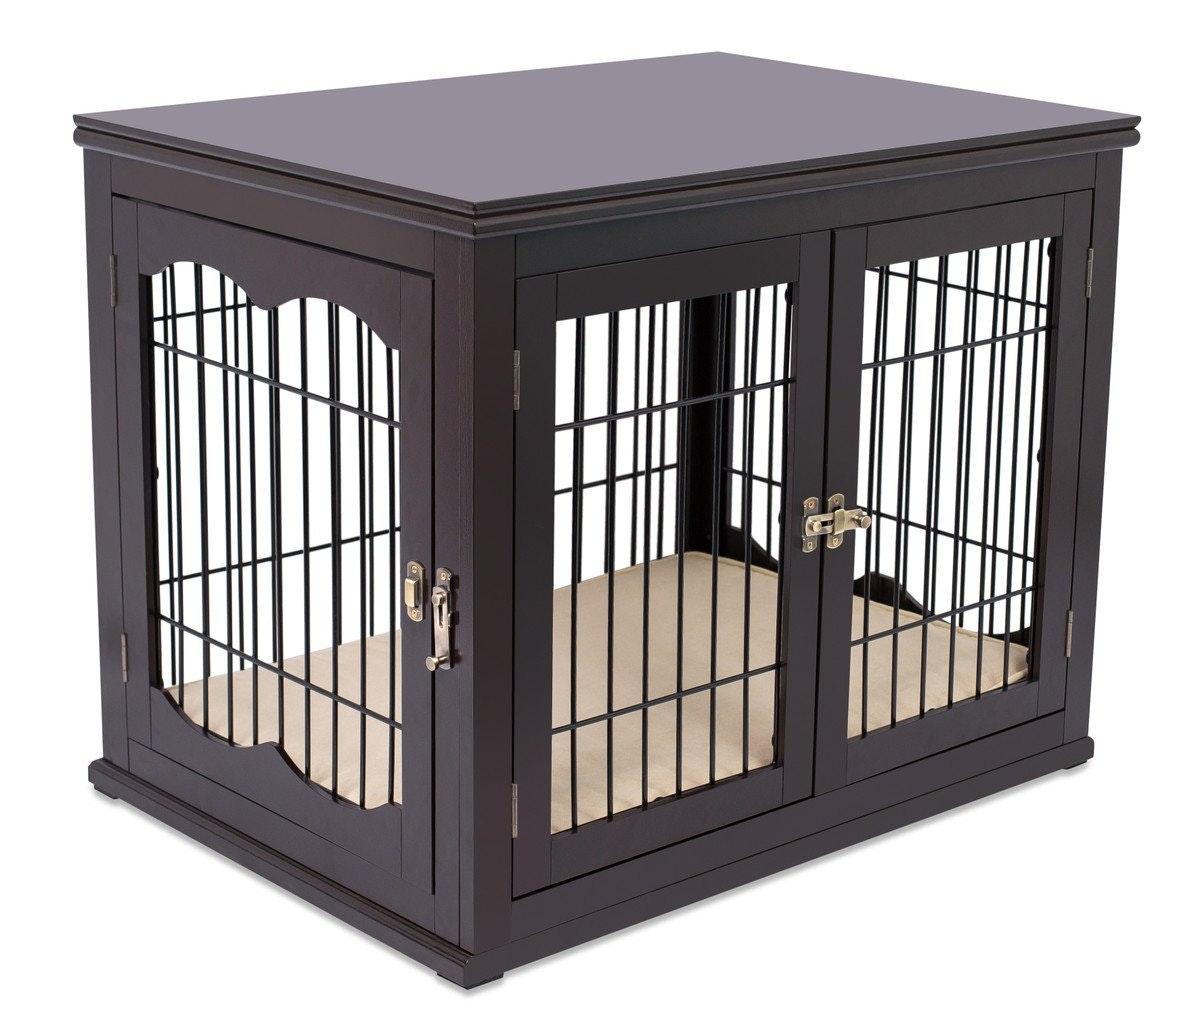 Birdrock Home Dog Kennel